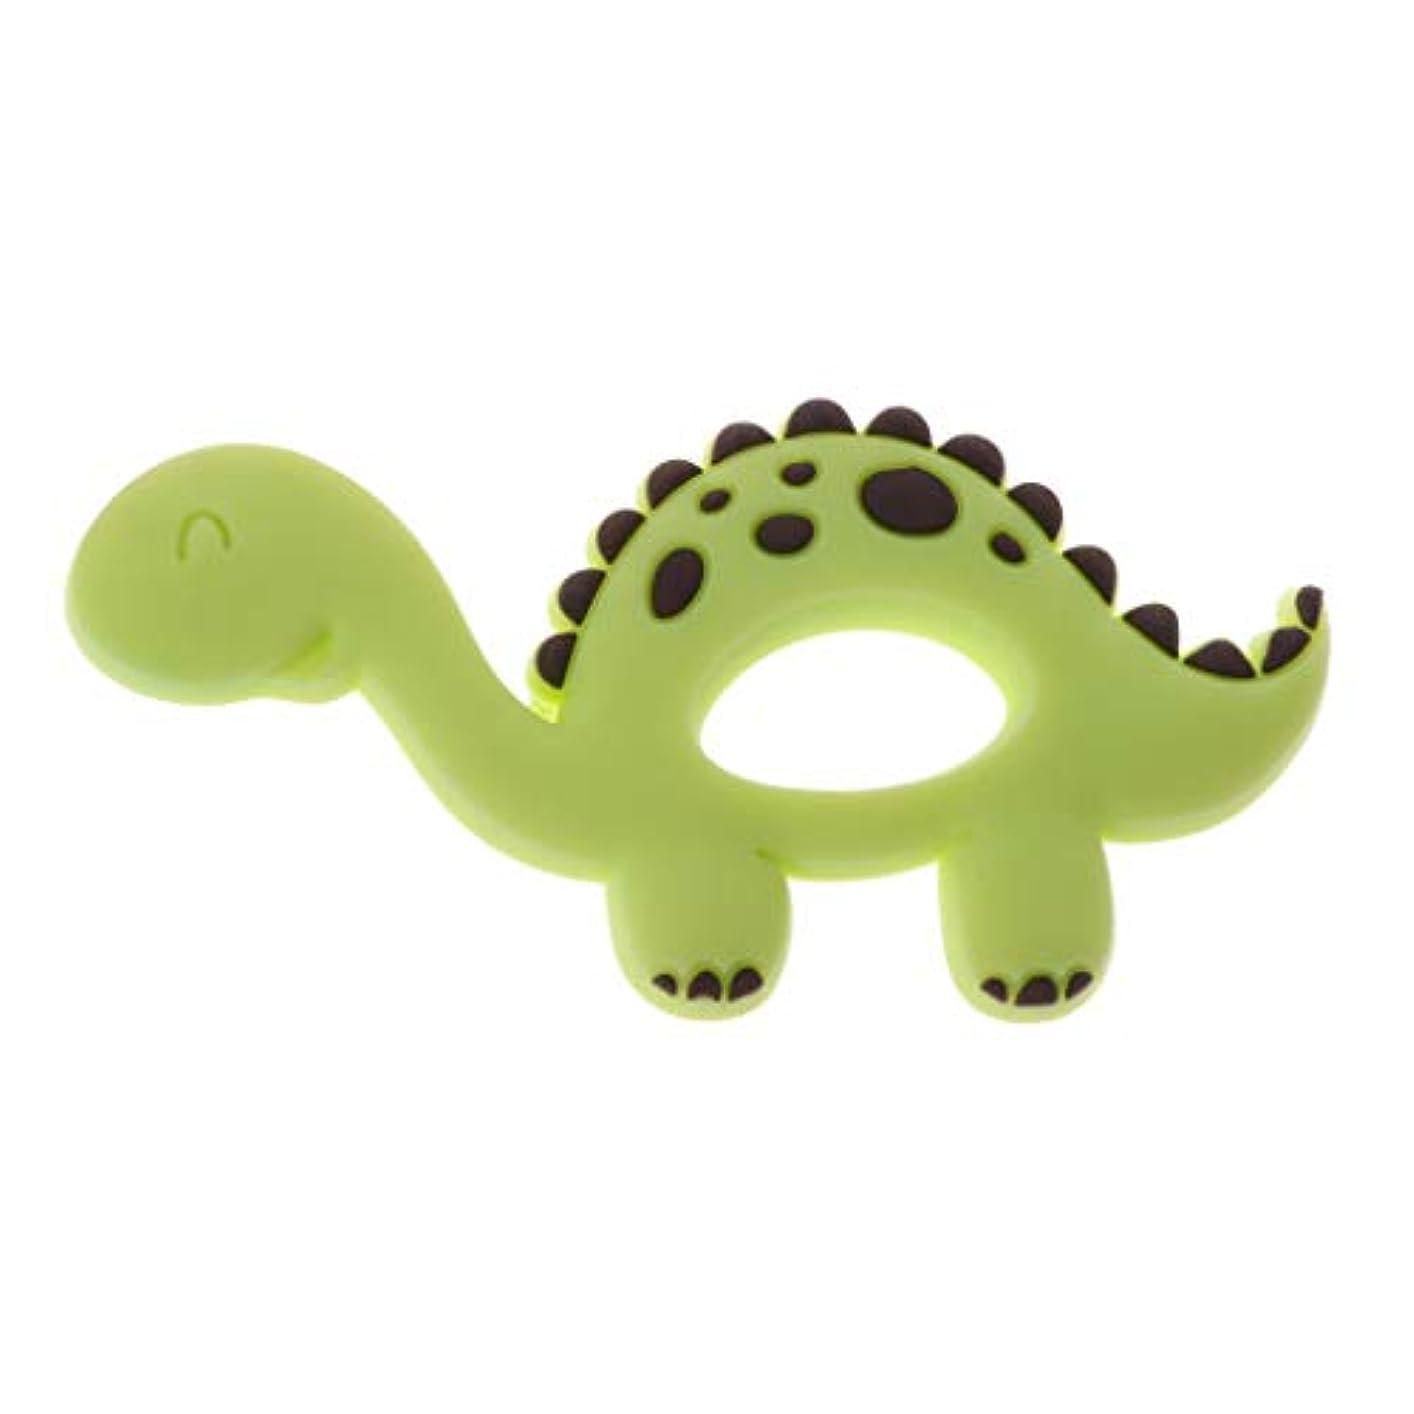 Landdumシリコーンおしゃぶり恐竜シリコーンおしゃぶり赤ちゃん看護玩具かむ玩具歯を作るガラガラおもちゃ - 青